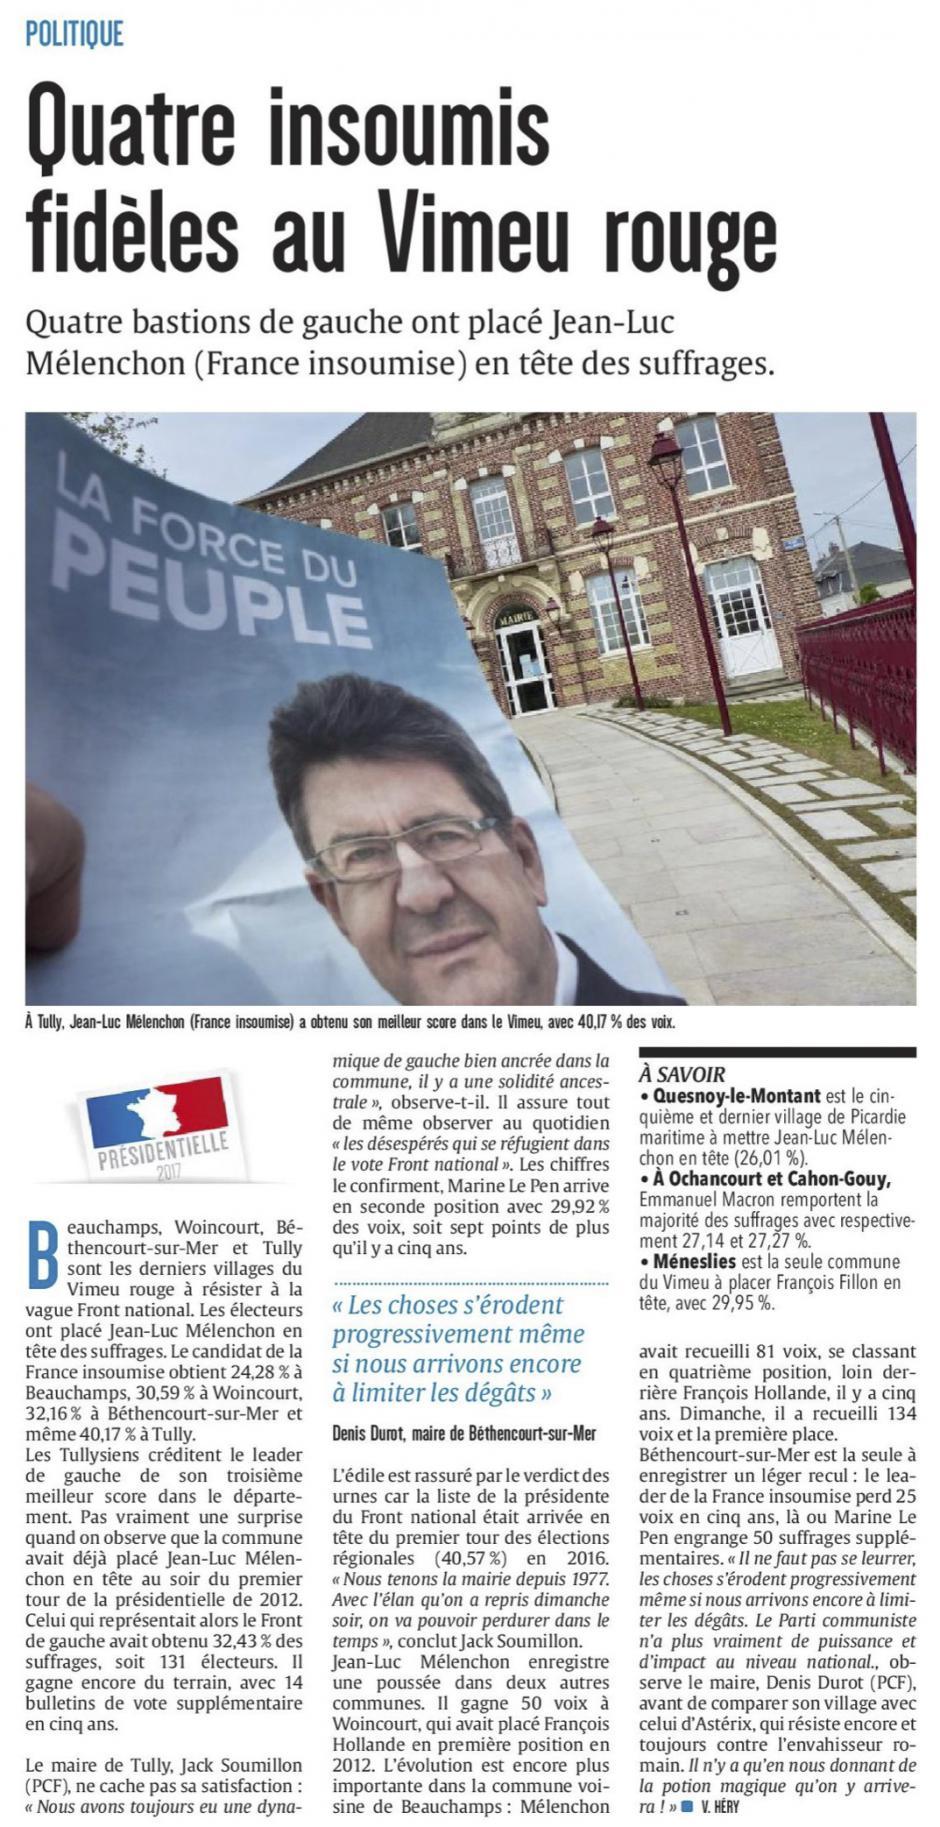 20170425-CP-Aisne-Quatre insoumis fidèles au Vimeu rouge [édition Picardie maritime]